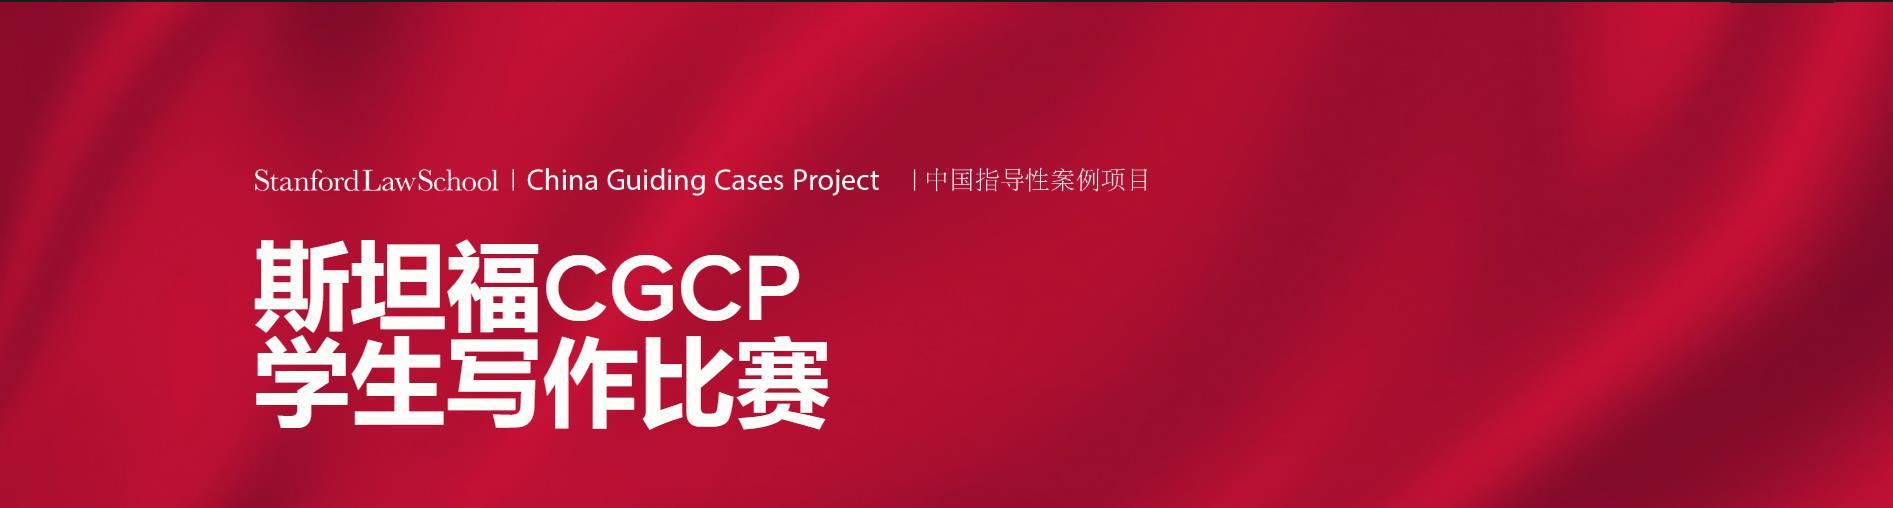 托福CGCP/中国指导性案例项目介绍